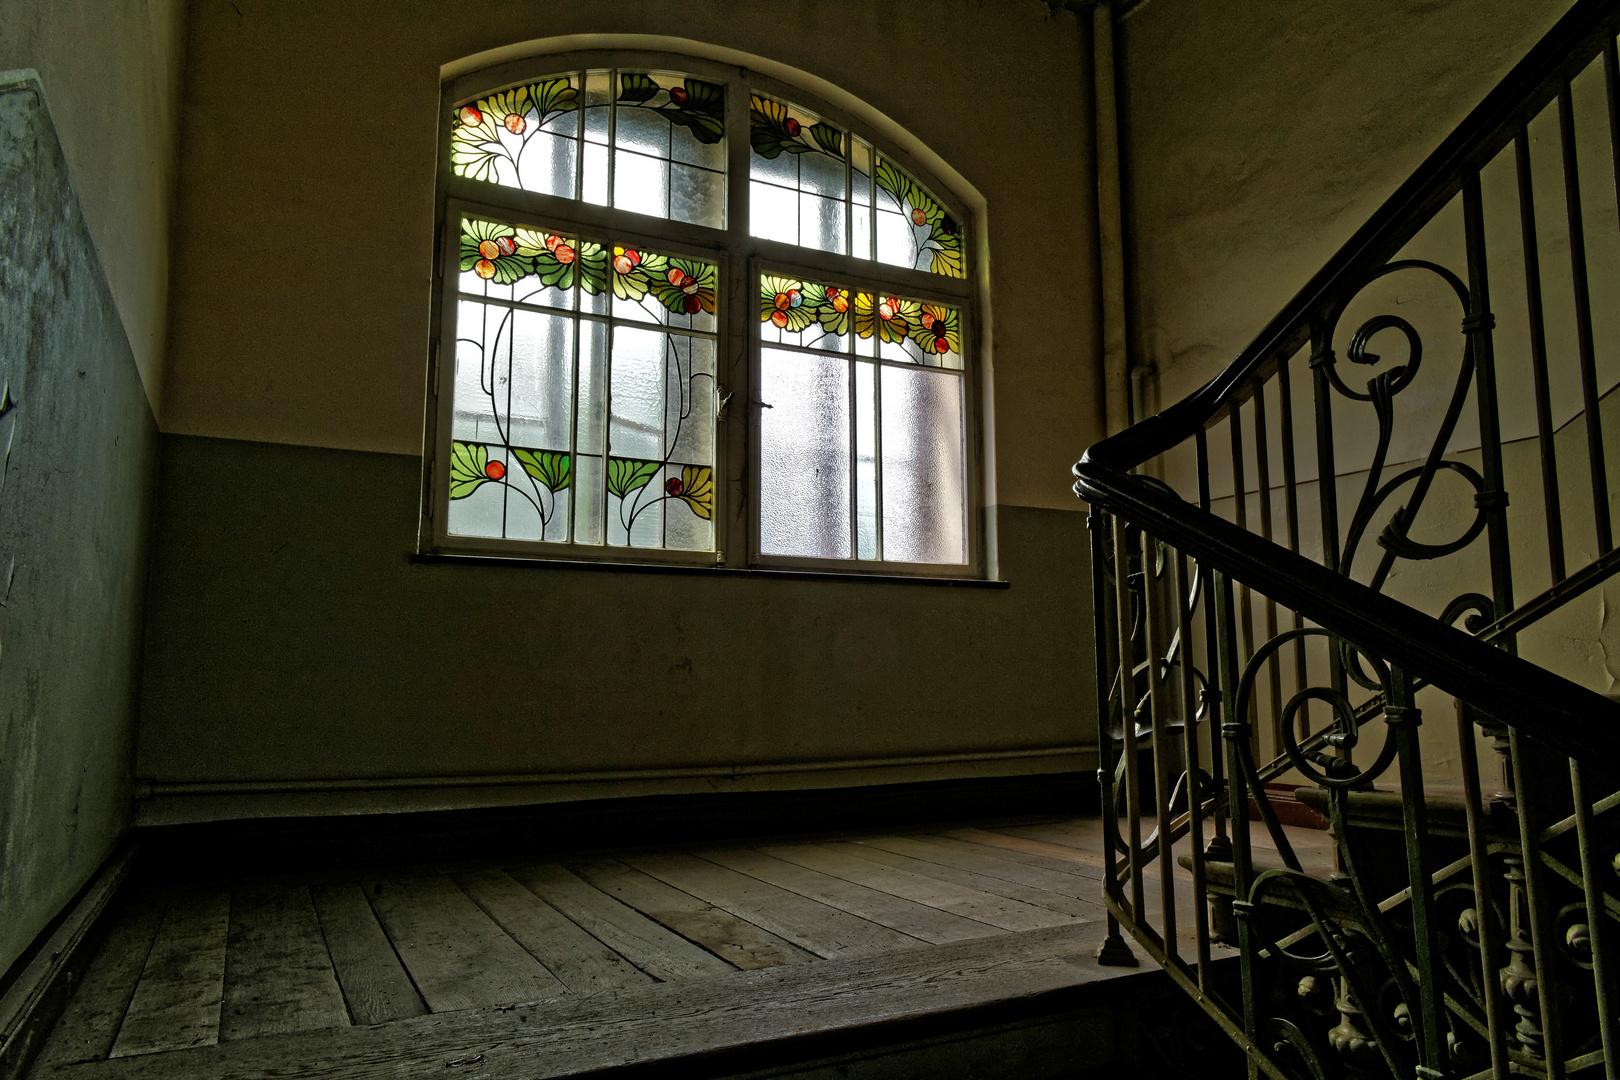 Traumhaft Schone Fenster Im Treppenhaus Foto Bild Architektur